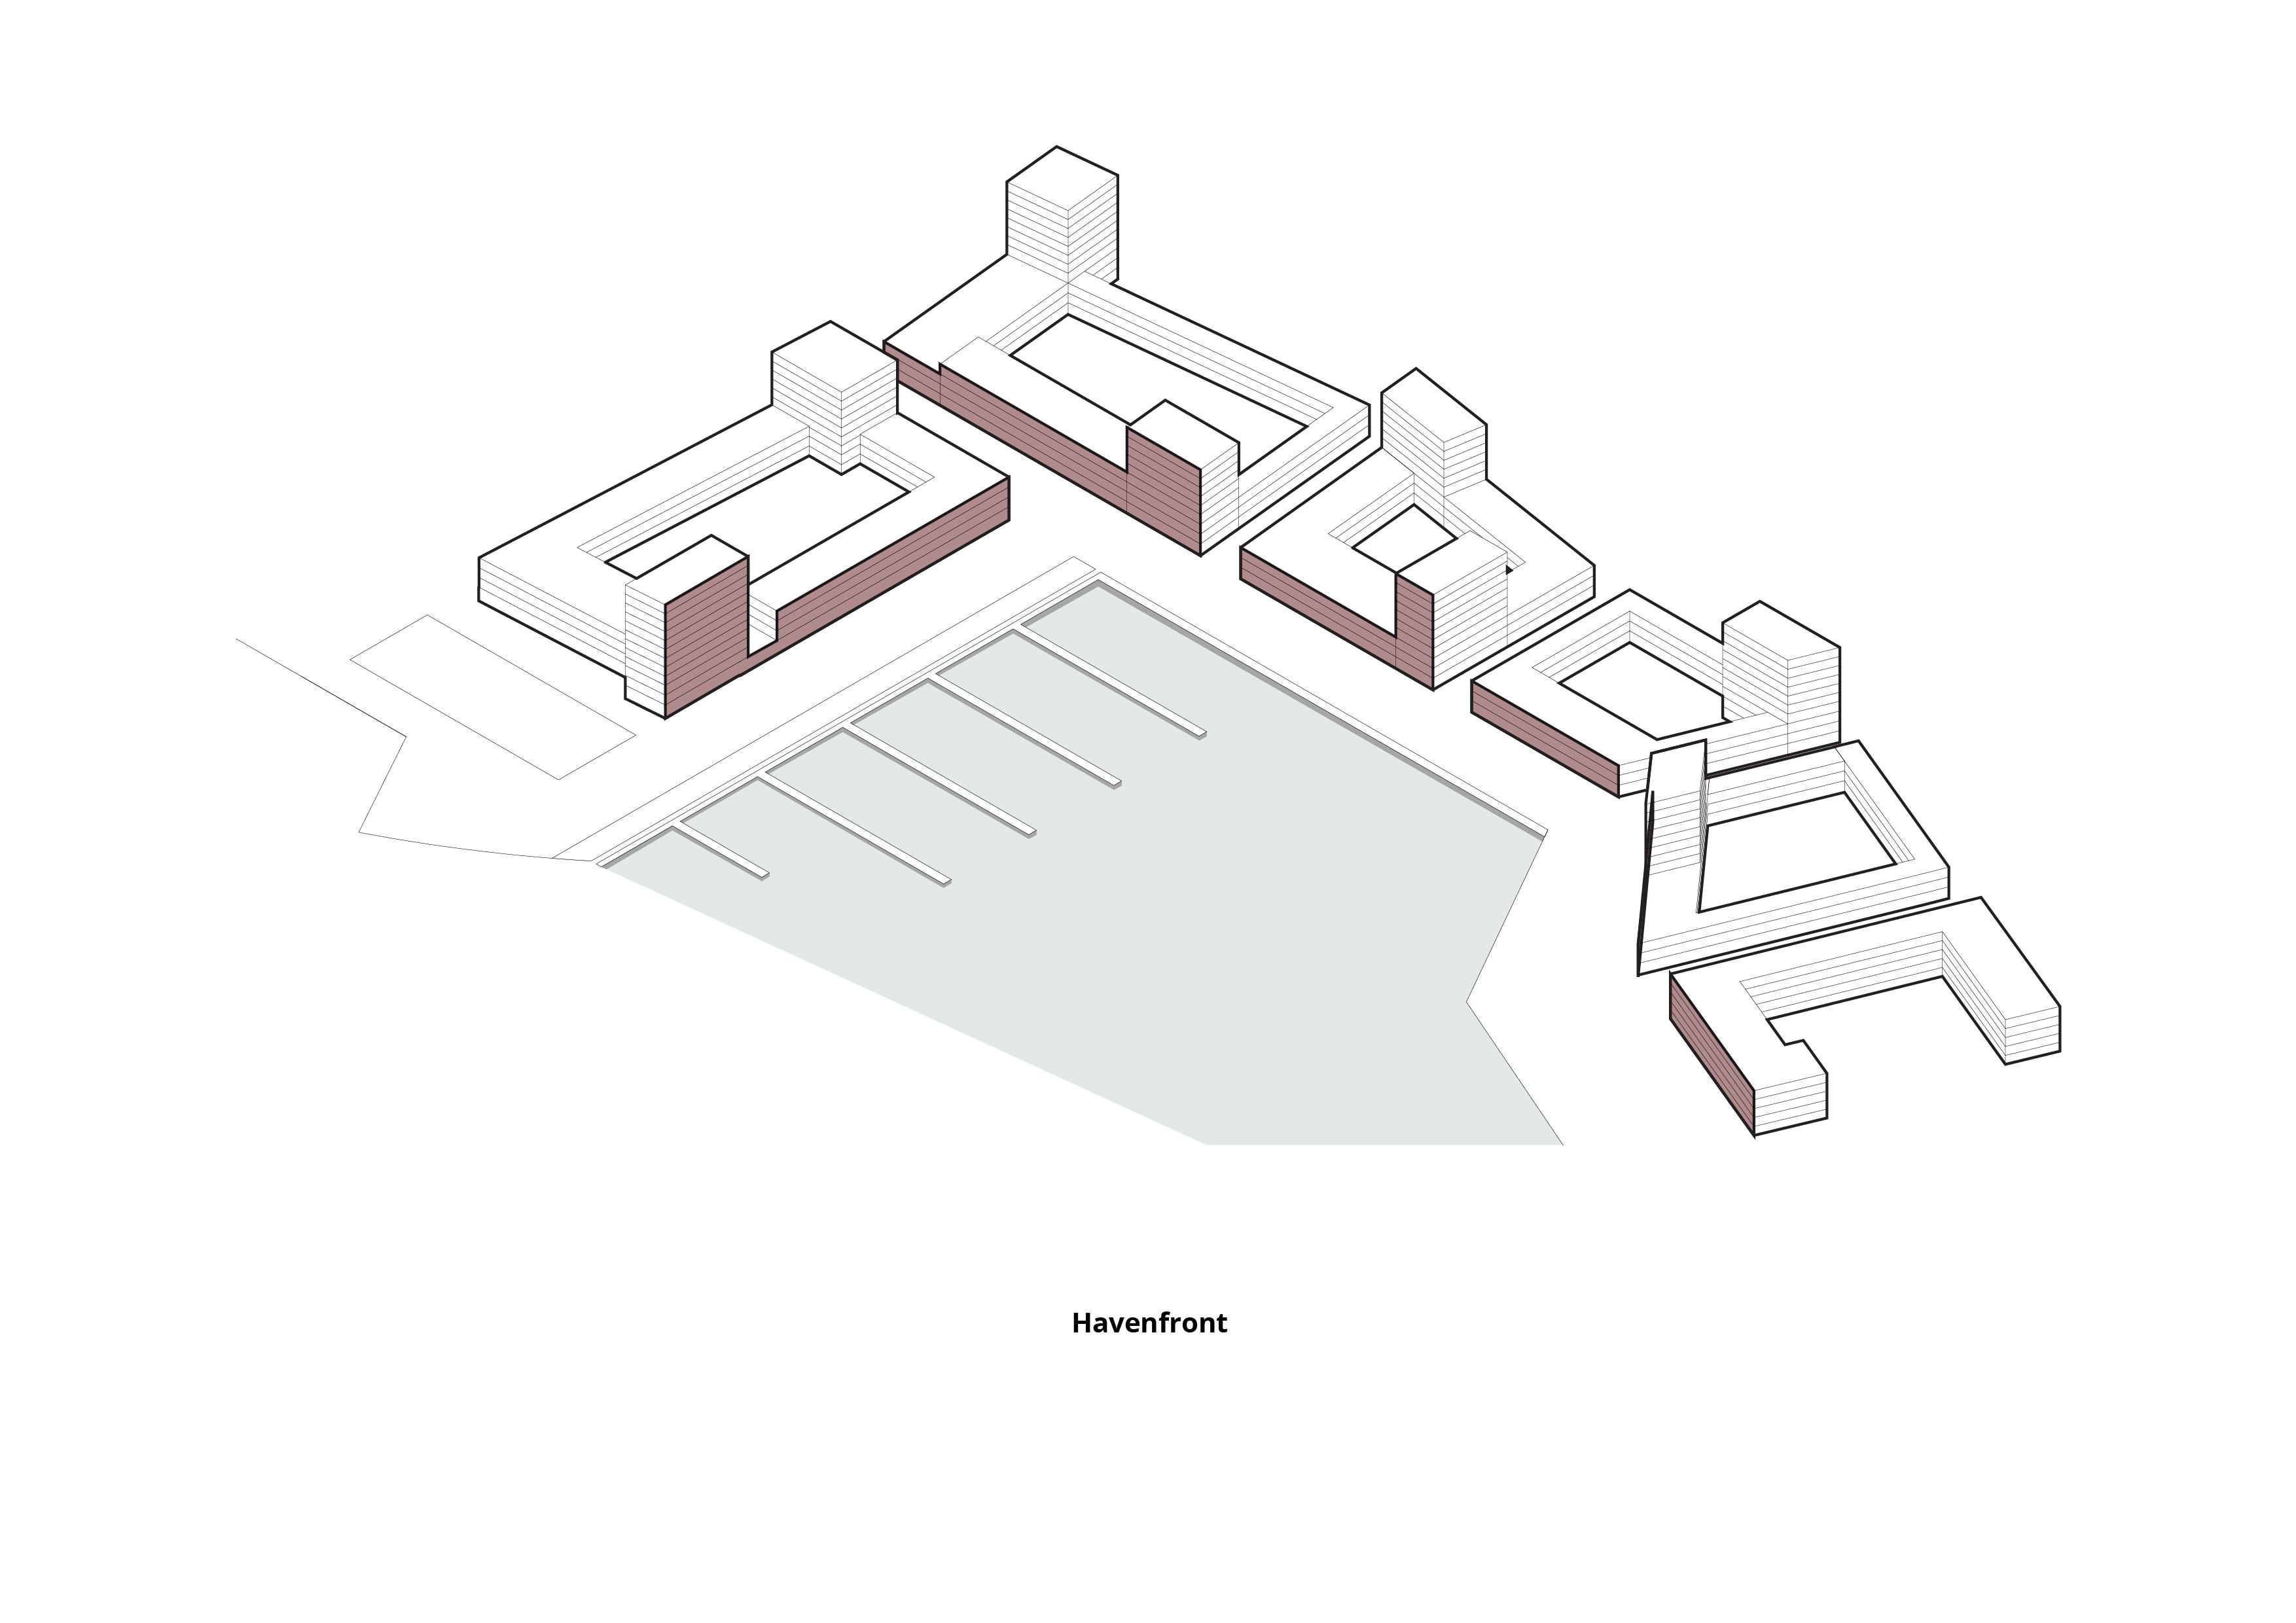 Havenkwartier Lelystad – Havenfront